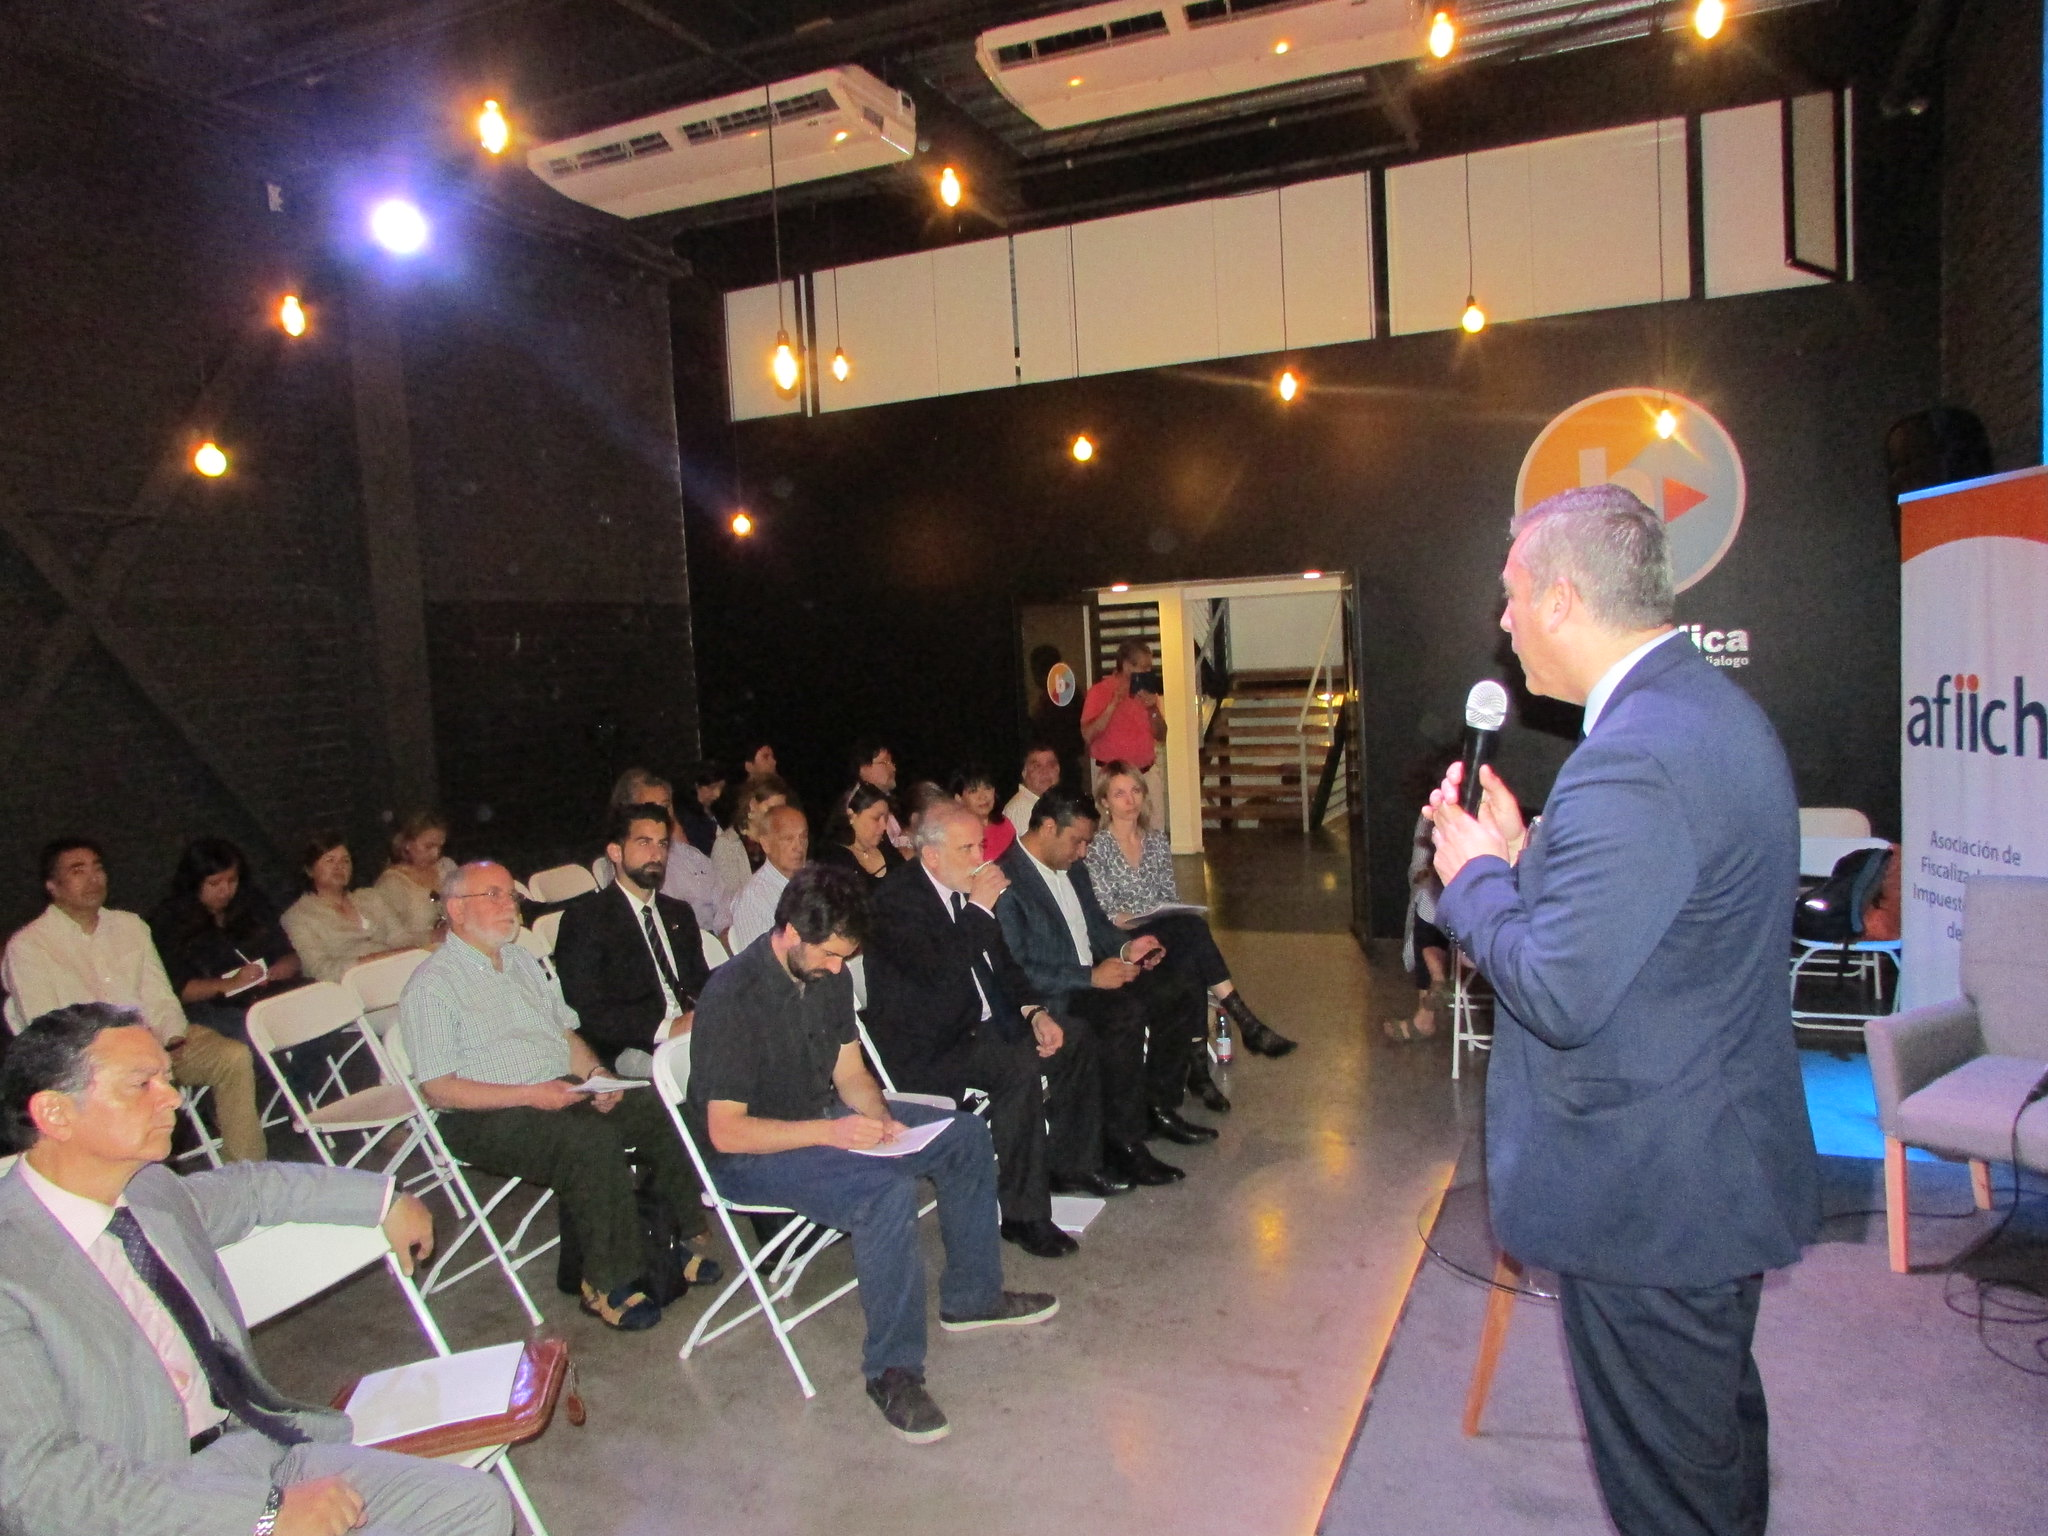 """Con éxito se realizó seminario AFIICH – FES - ISP """"Contribuyendo a la Justicia Tributaria"""", con destacados panelistas – 23 Noviembre 2018"""